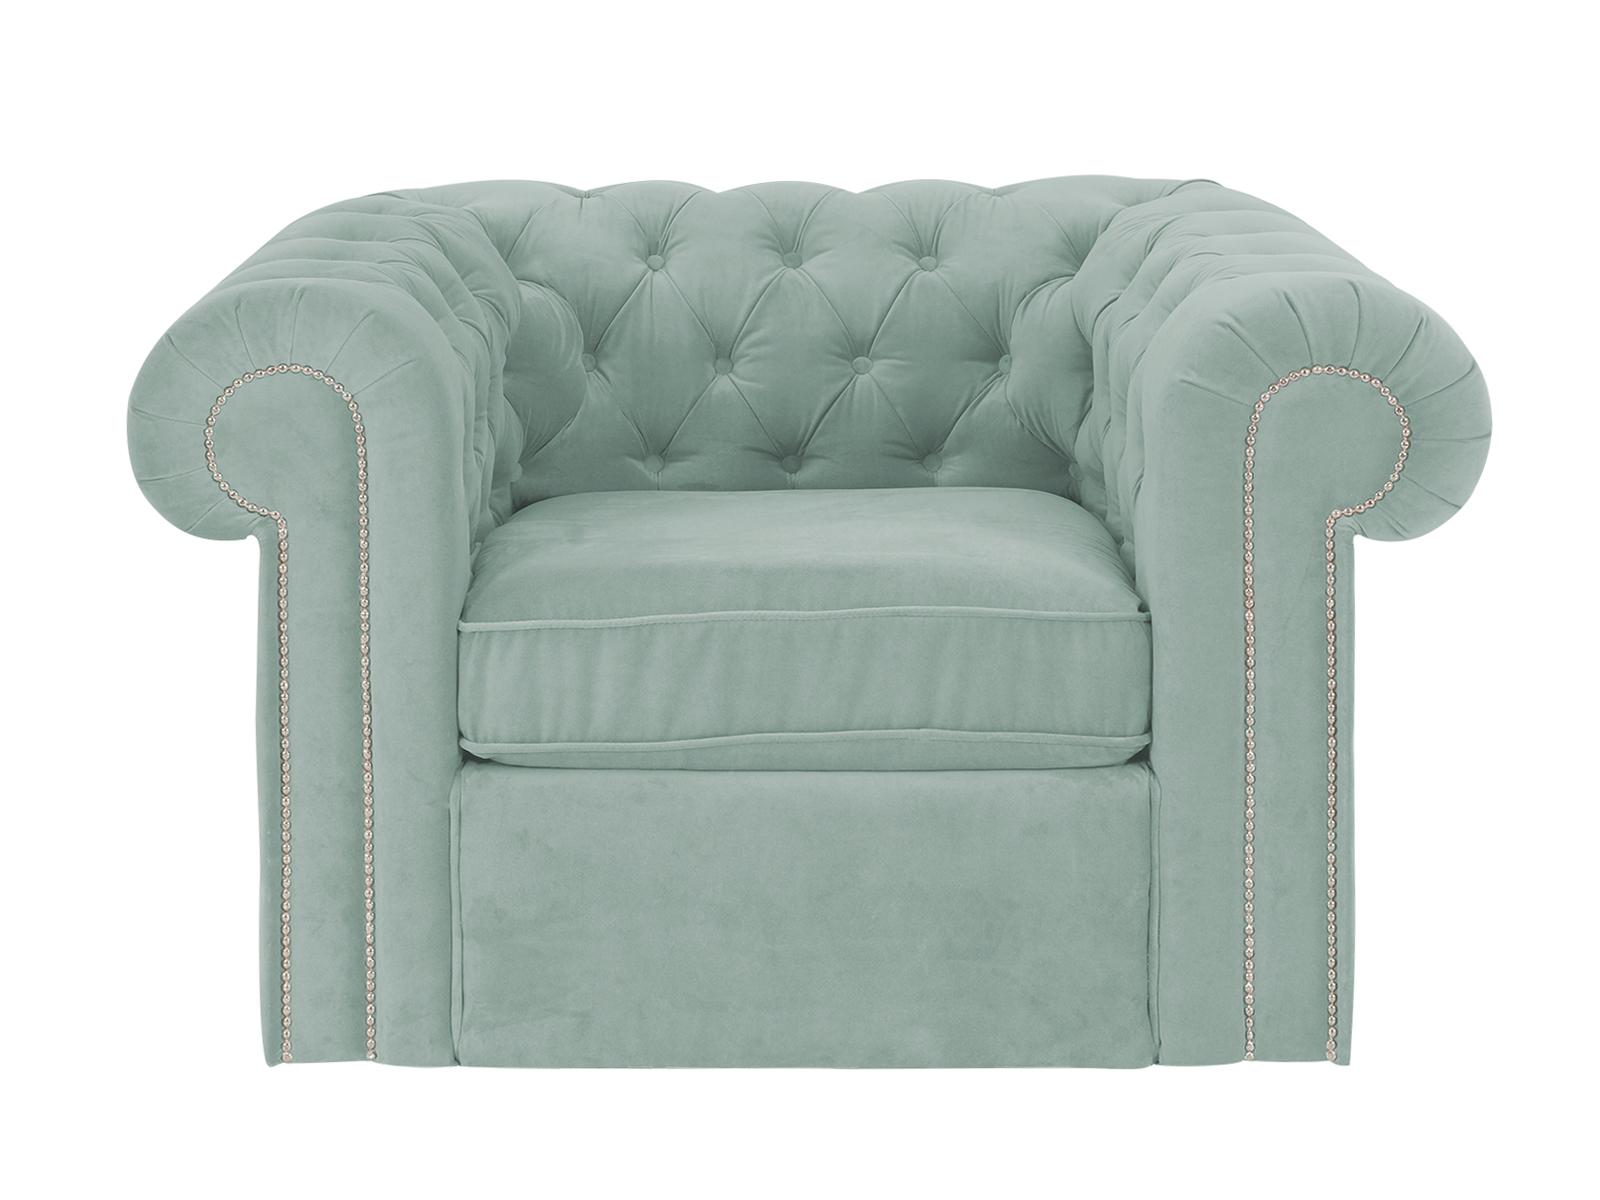 Кресло ChesterИнтерьерные кресла<br>&amp;lt;div&amp;gt;Каркас: деревянный брус, МДФ, фанера.&amp;lt;/div&amp;gt;&amp;lt;div&amp;gt;Подушки сидений: пенополиуретан, синтепон.&amp;lt;/div&amp;gt;&amp;lt;div&amp;gt;Обивка: ткань, полиэстер 100%.&amp;lt;/div&amp;gt;&amp;lt;div&amp;gt;Ширина сиденья:600 мм&amp;lt;/div&amp;gt;&amp;lt;div&amp;gt;Глубина сиденья:670 мм&amp;lt;/div&amp;gt;<br><br>Material: Текстиль<br>Width см: 115<br>Depth см: 105<br>Height см: 73